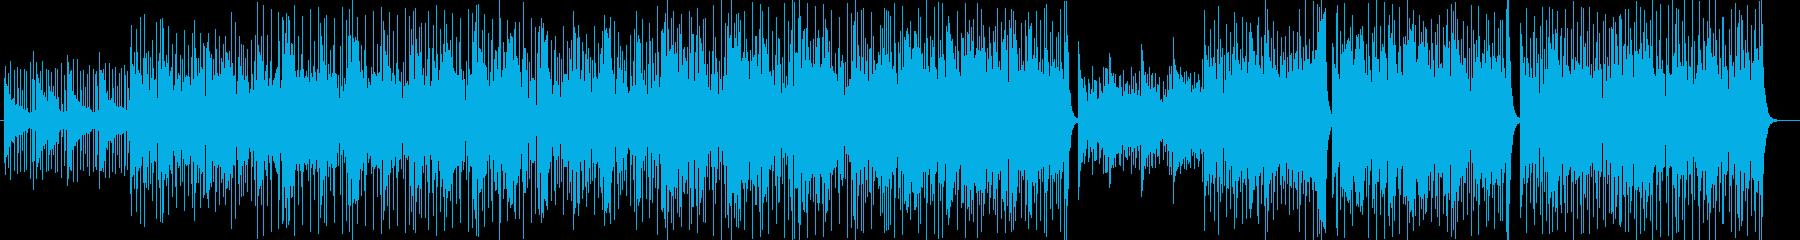 リズミカルでアップテンポの再生済みの波形